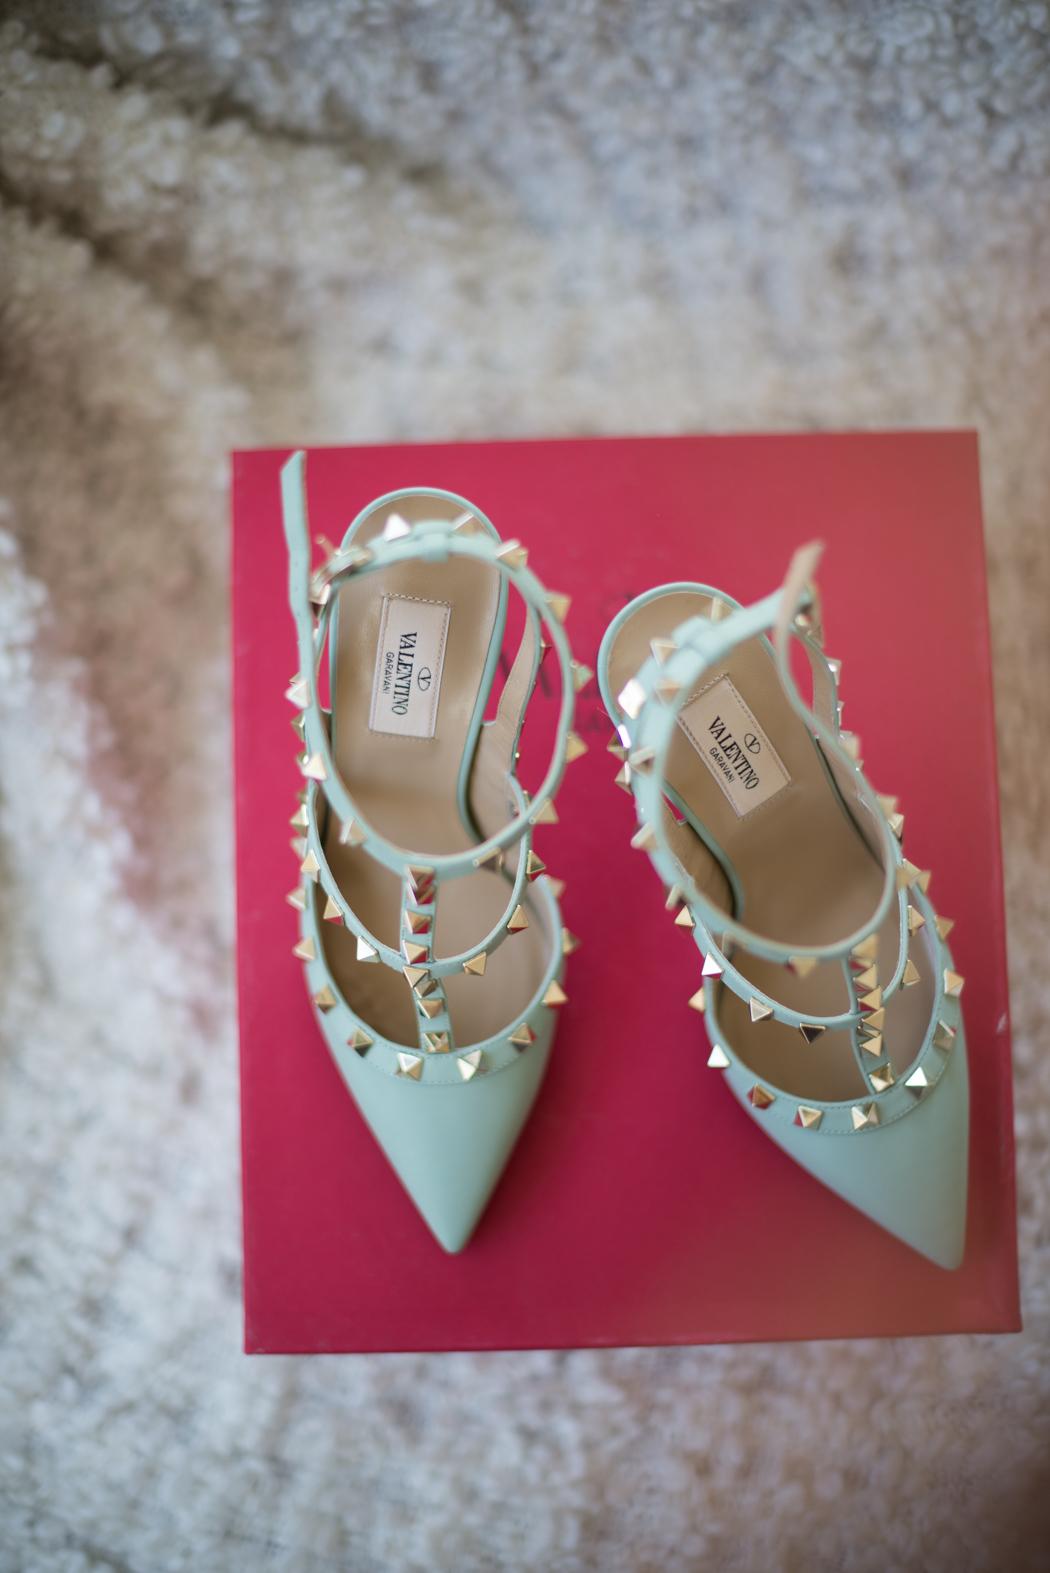 Valentino-Rockstud-mint-water-green-Valentino-Pumps-Schuhe-Highheels-Fashionblogger-München-Fashionblog-Deutschland-2